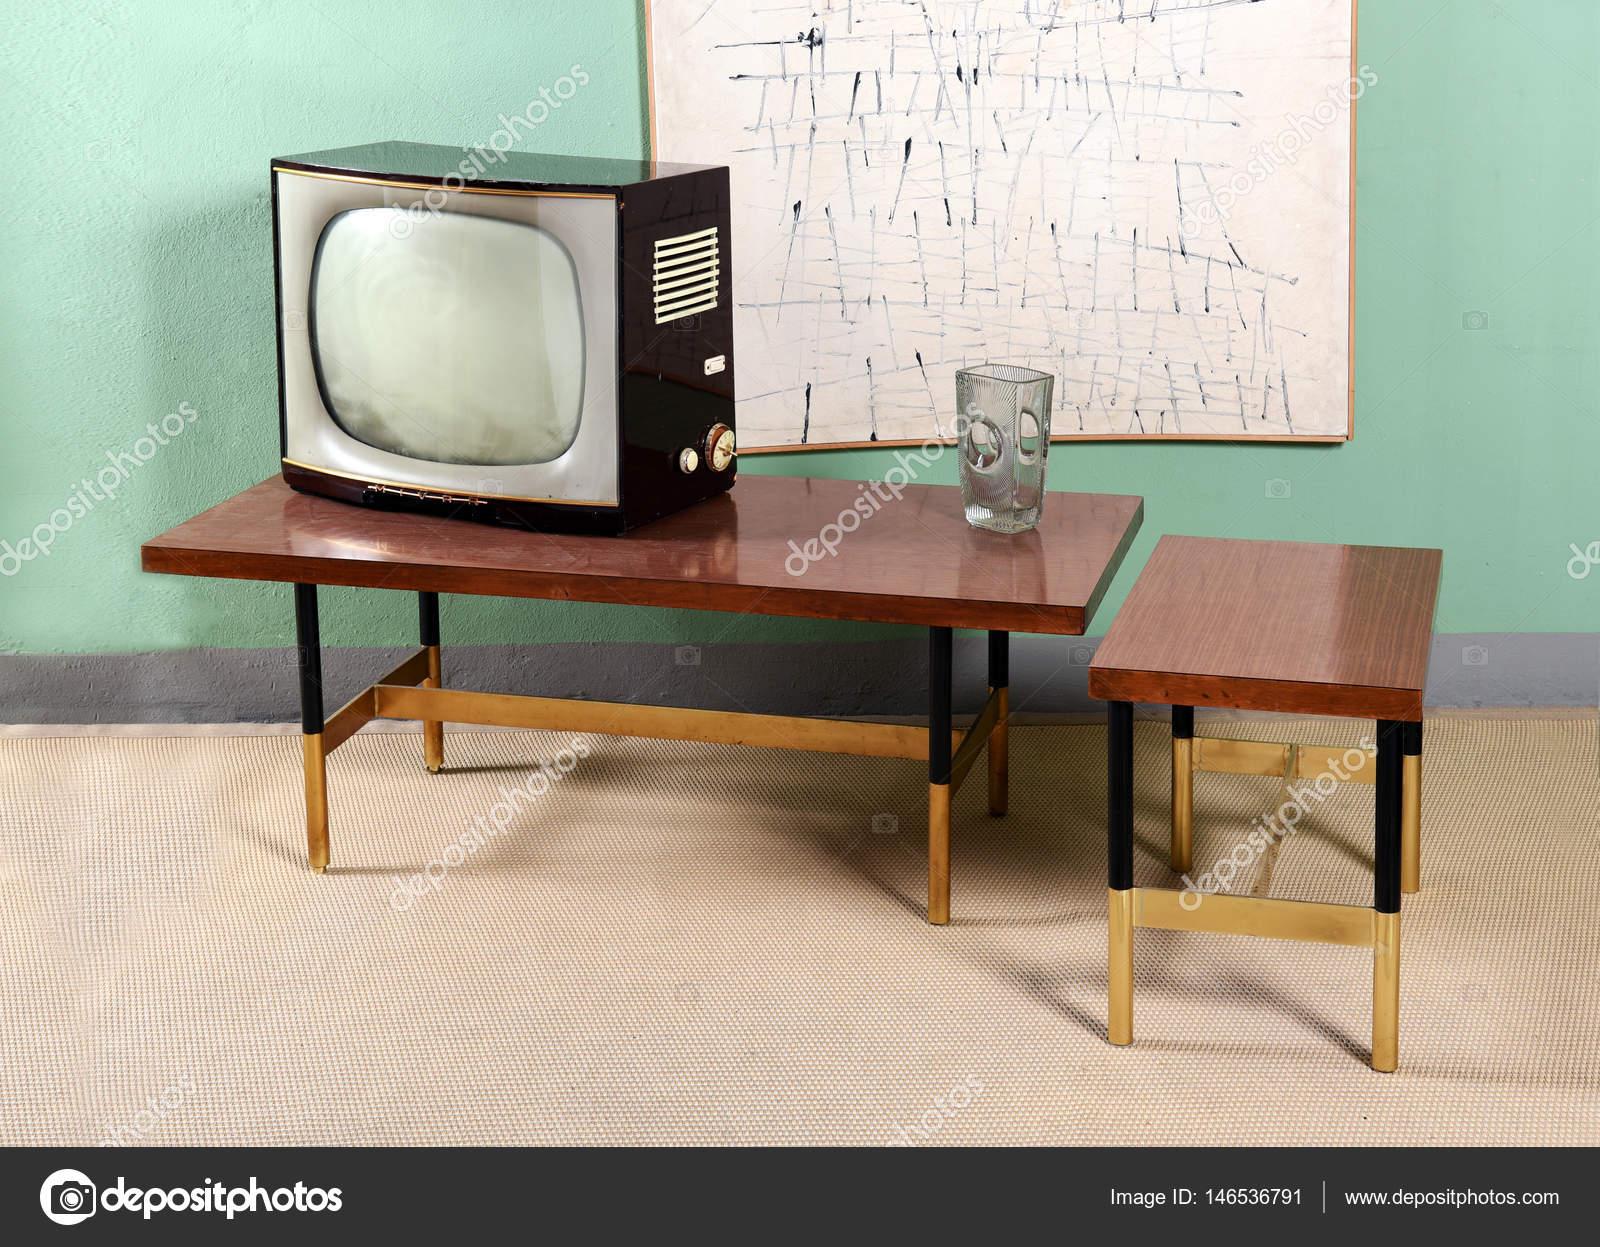 Retro Art Woonkamer : Retro woonkamer met tv tabellen en illustraties u stockfoto